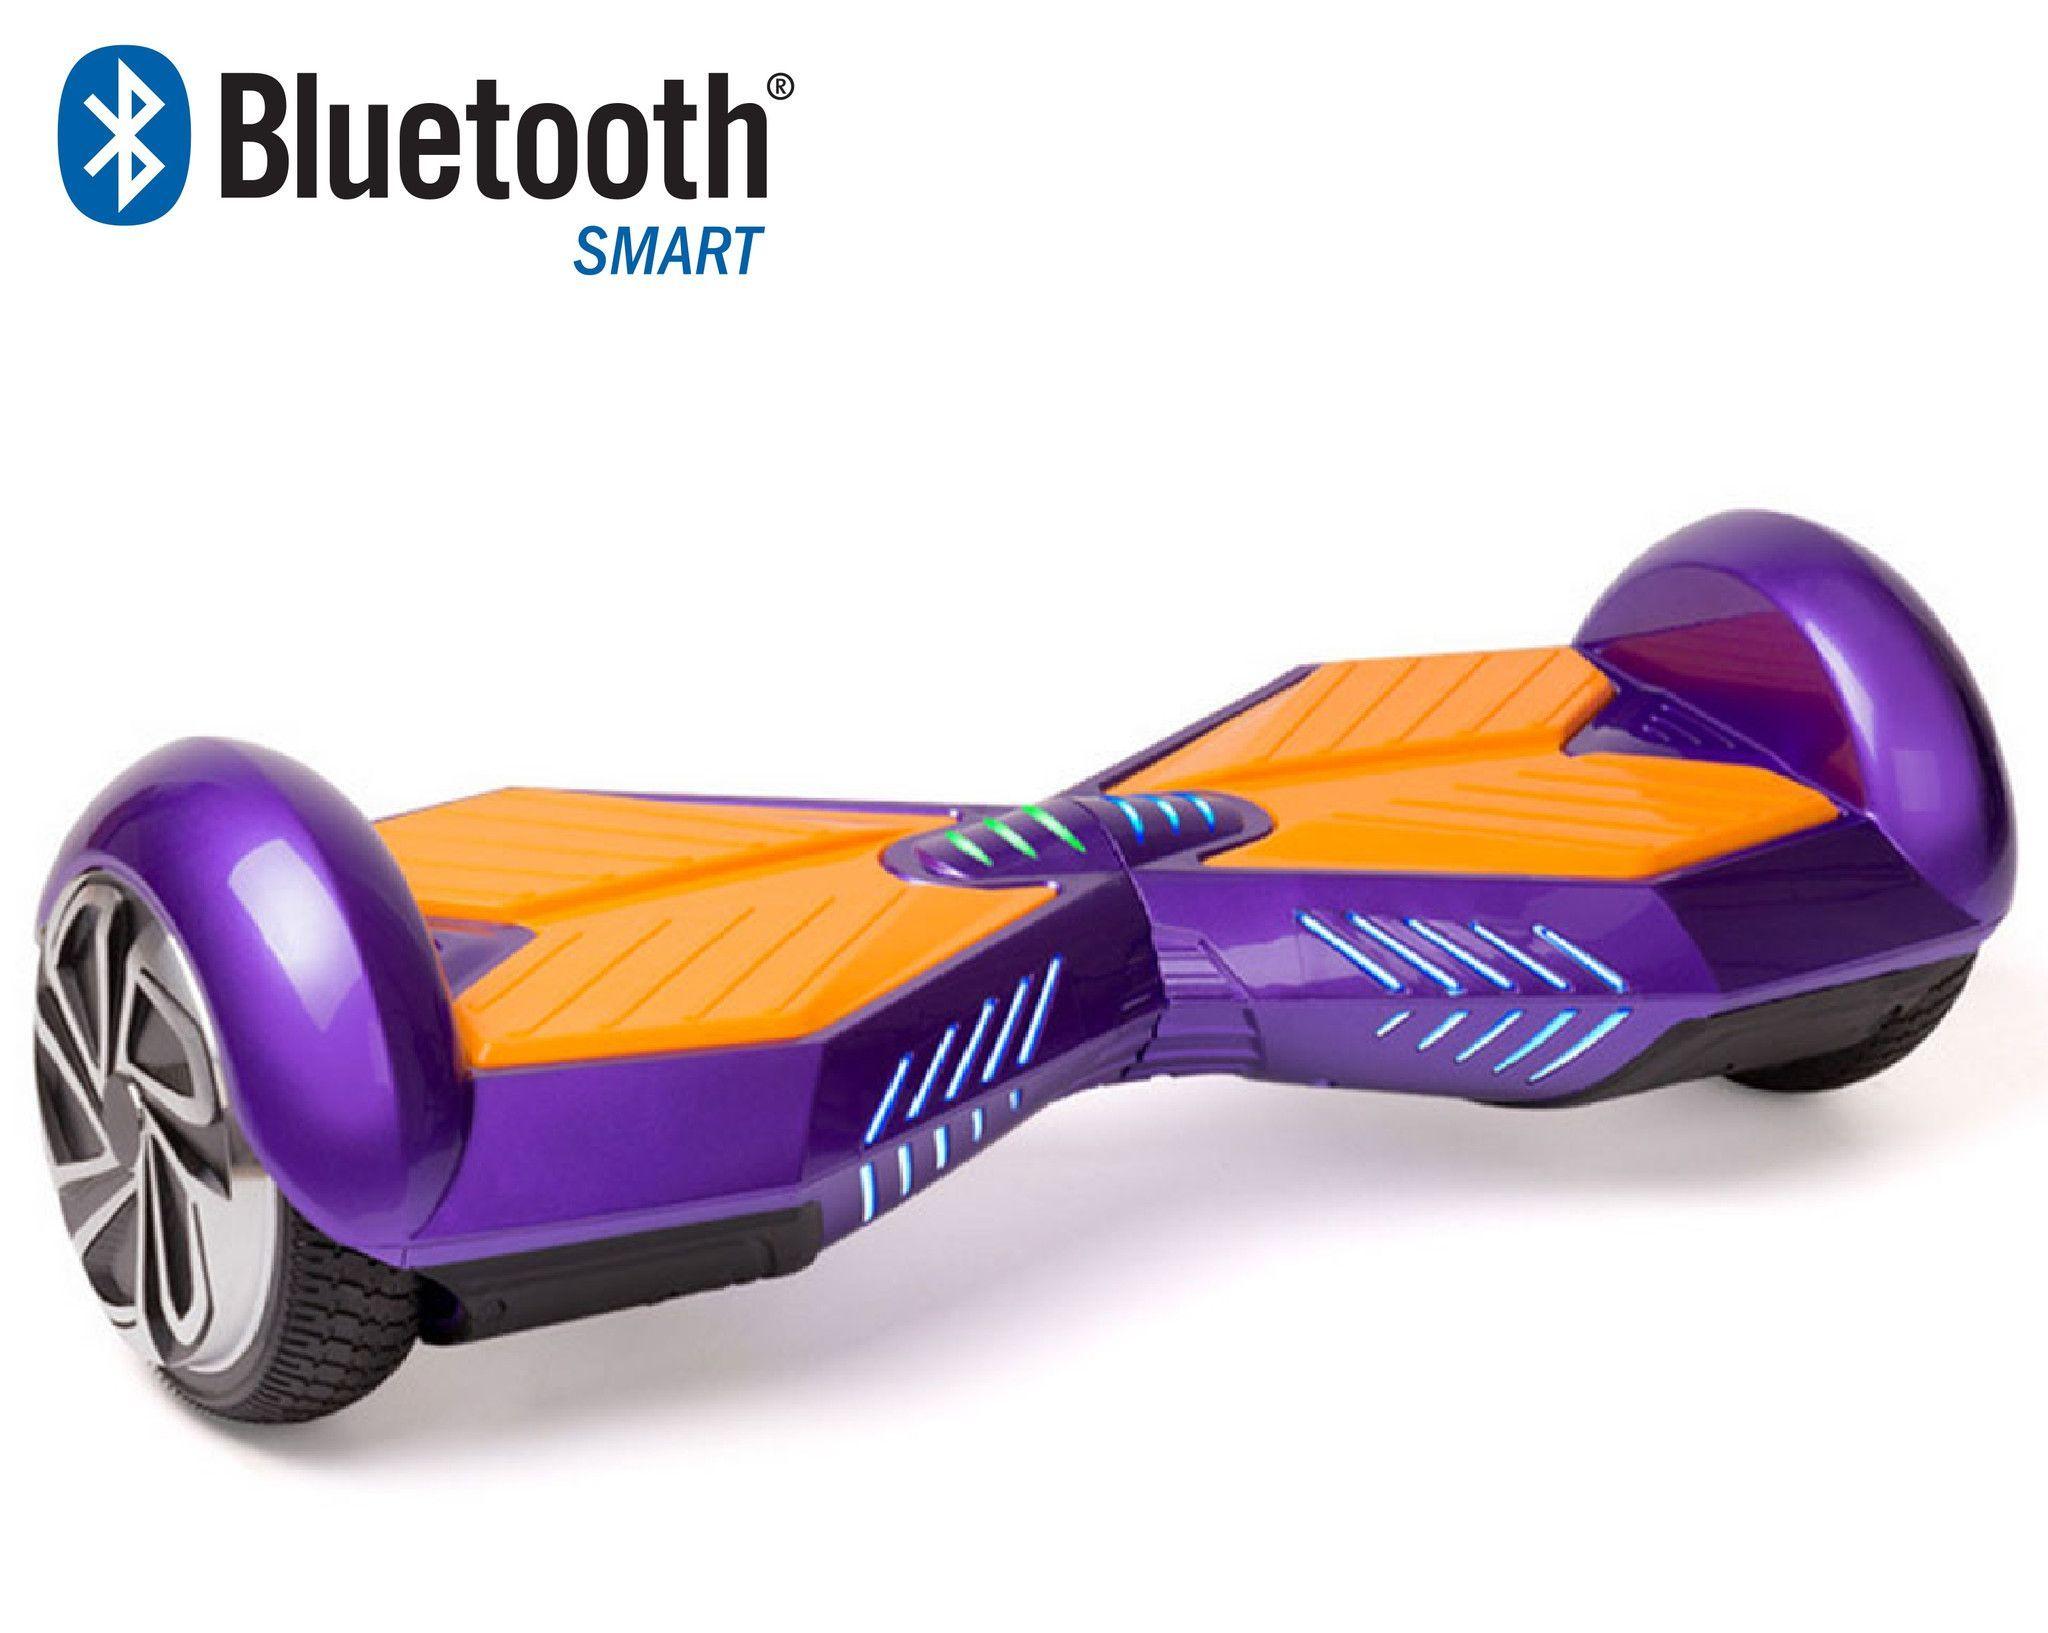 Bluetooth Lamborghini Hoverboard Purple/Gold Lifetime Warranty